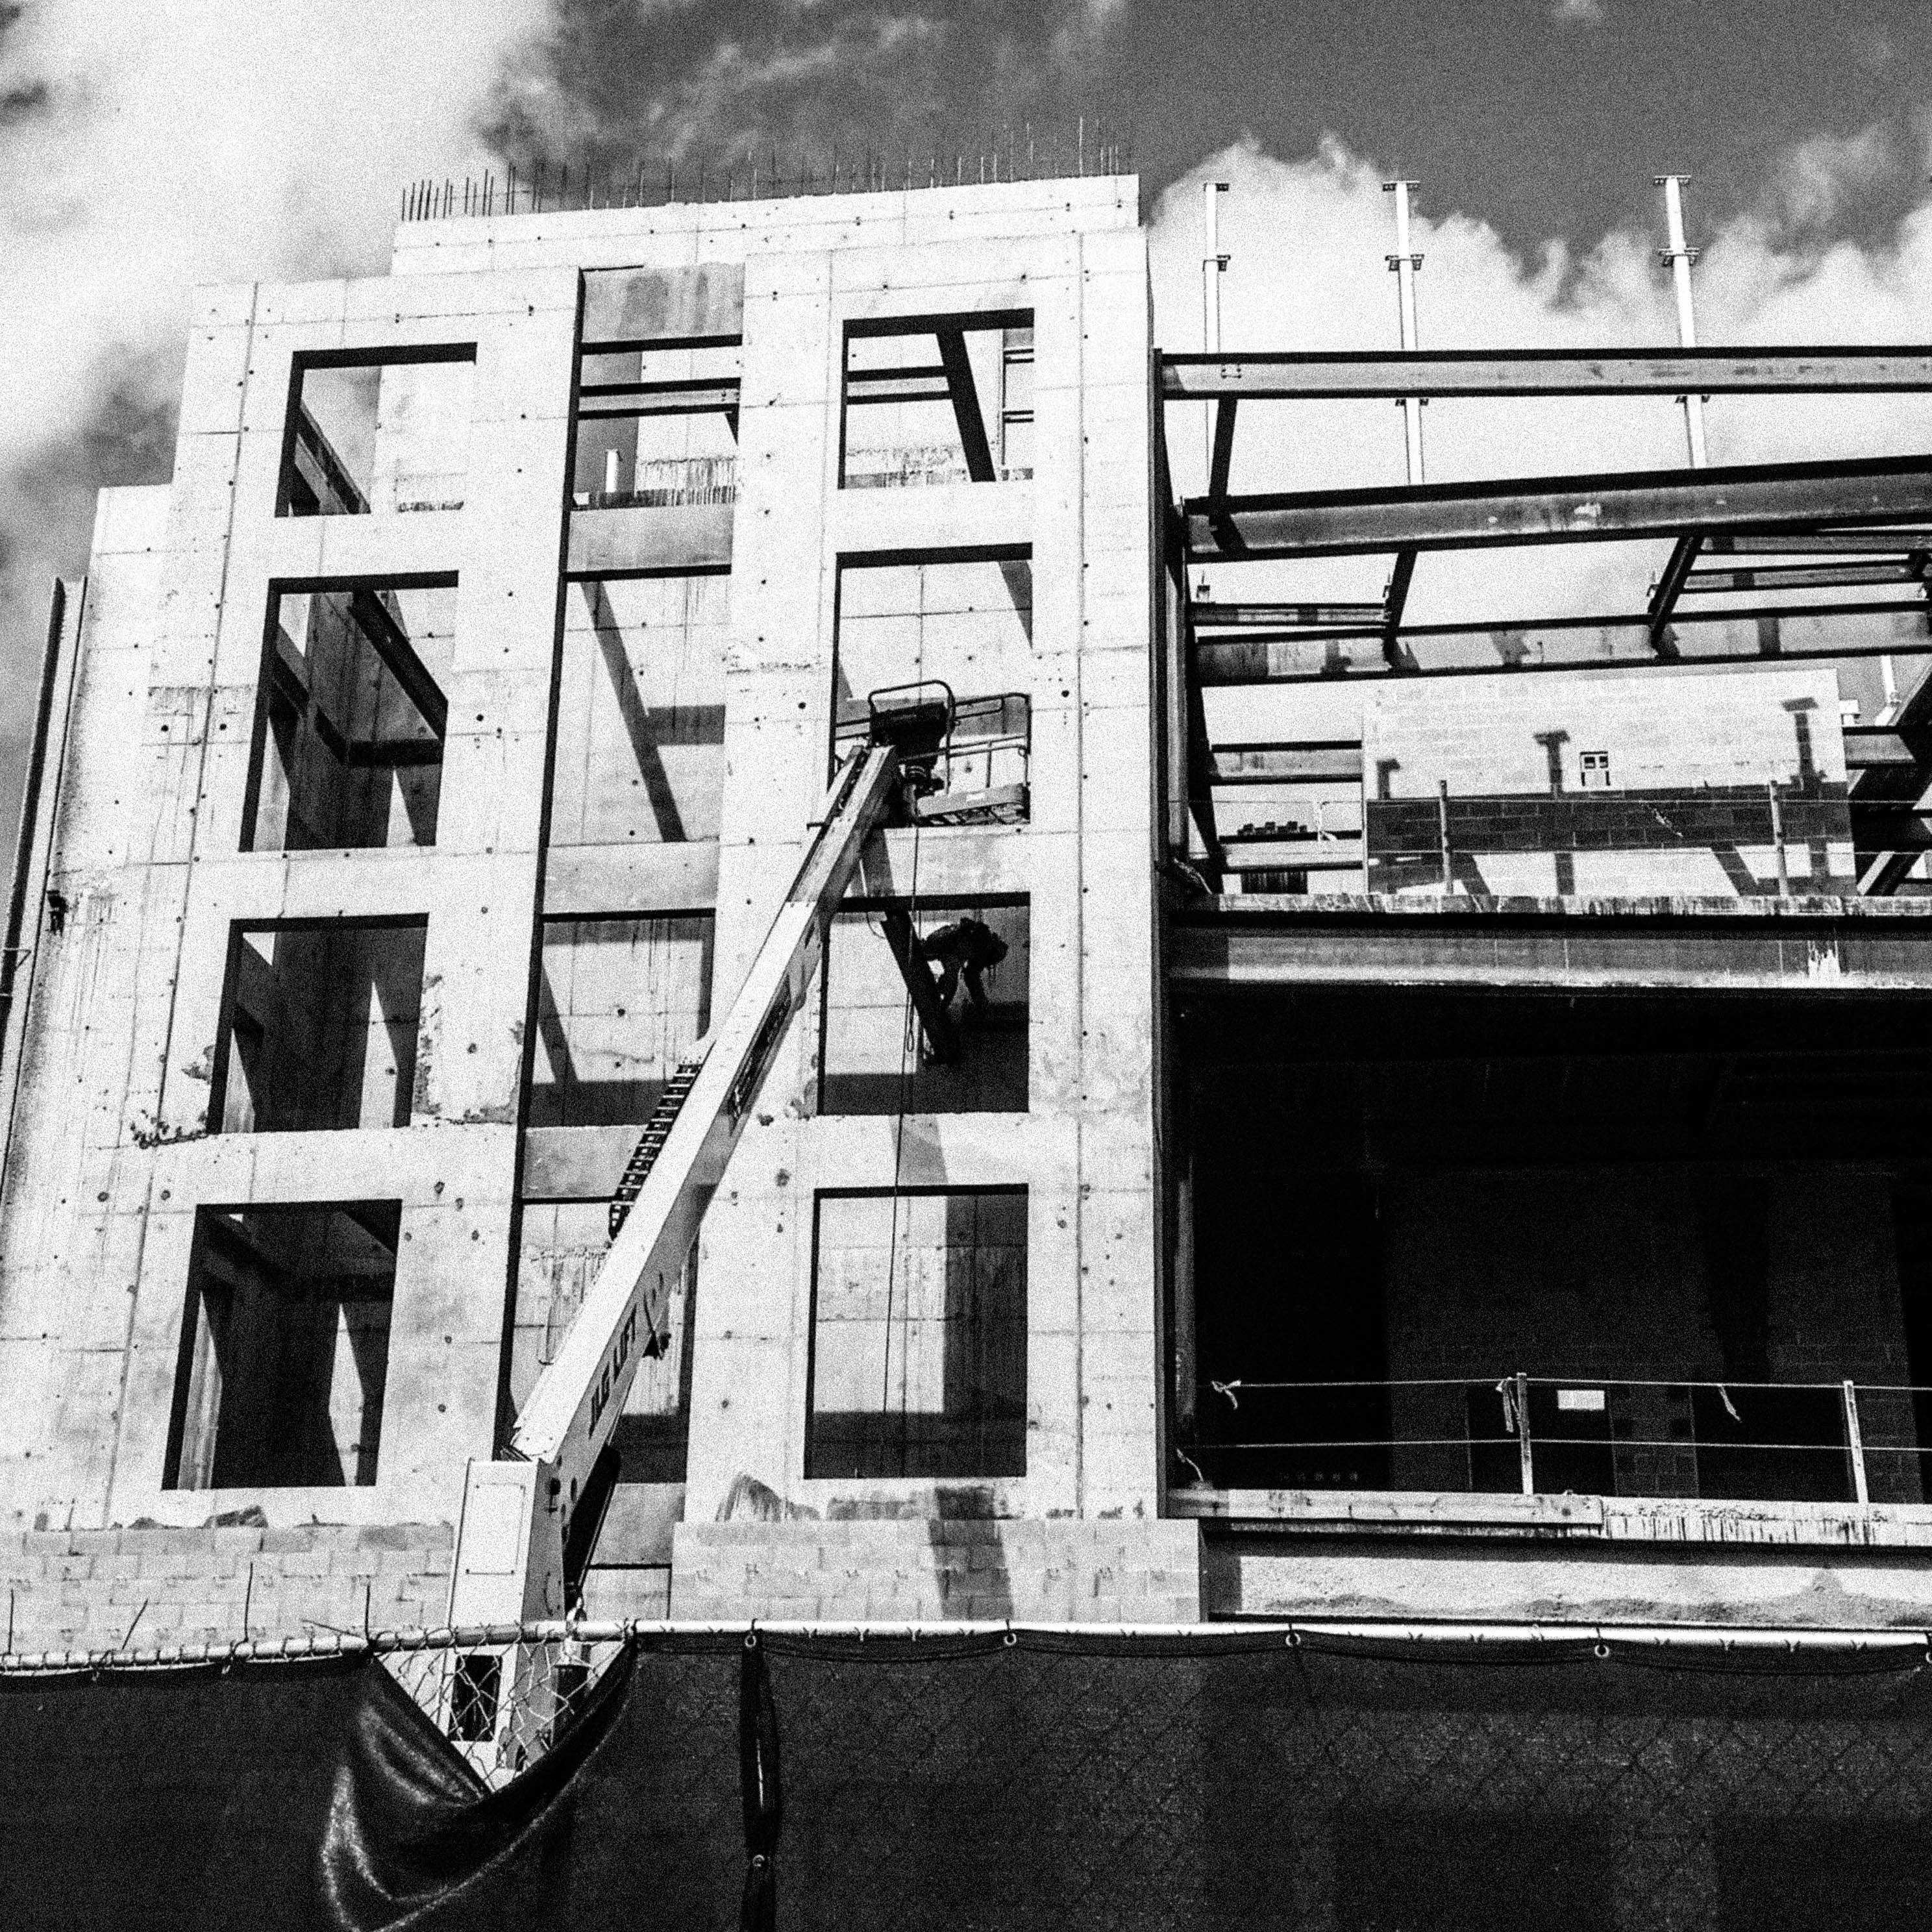 city-building-construction-crane-concrete-office-lines-urban-renovation_t20_7OKVx4-190